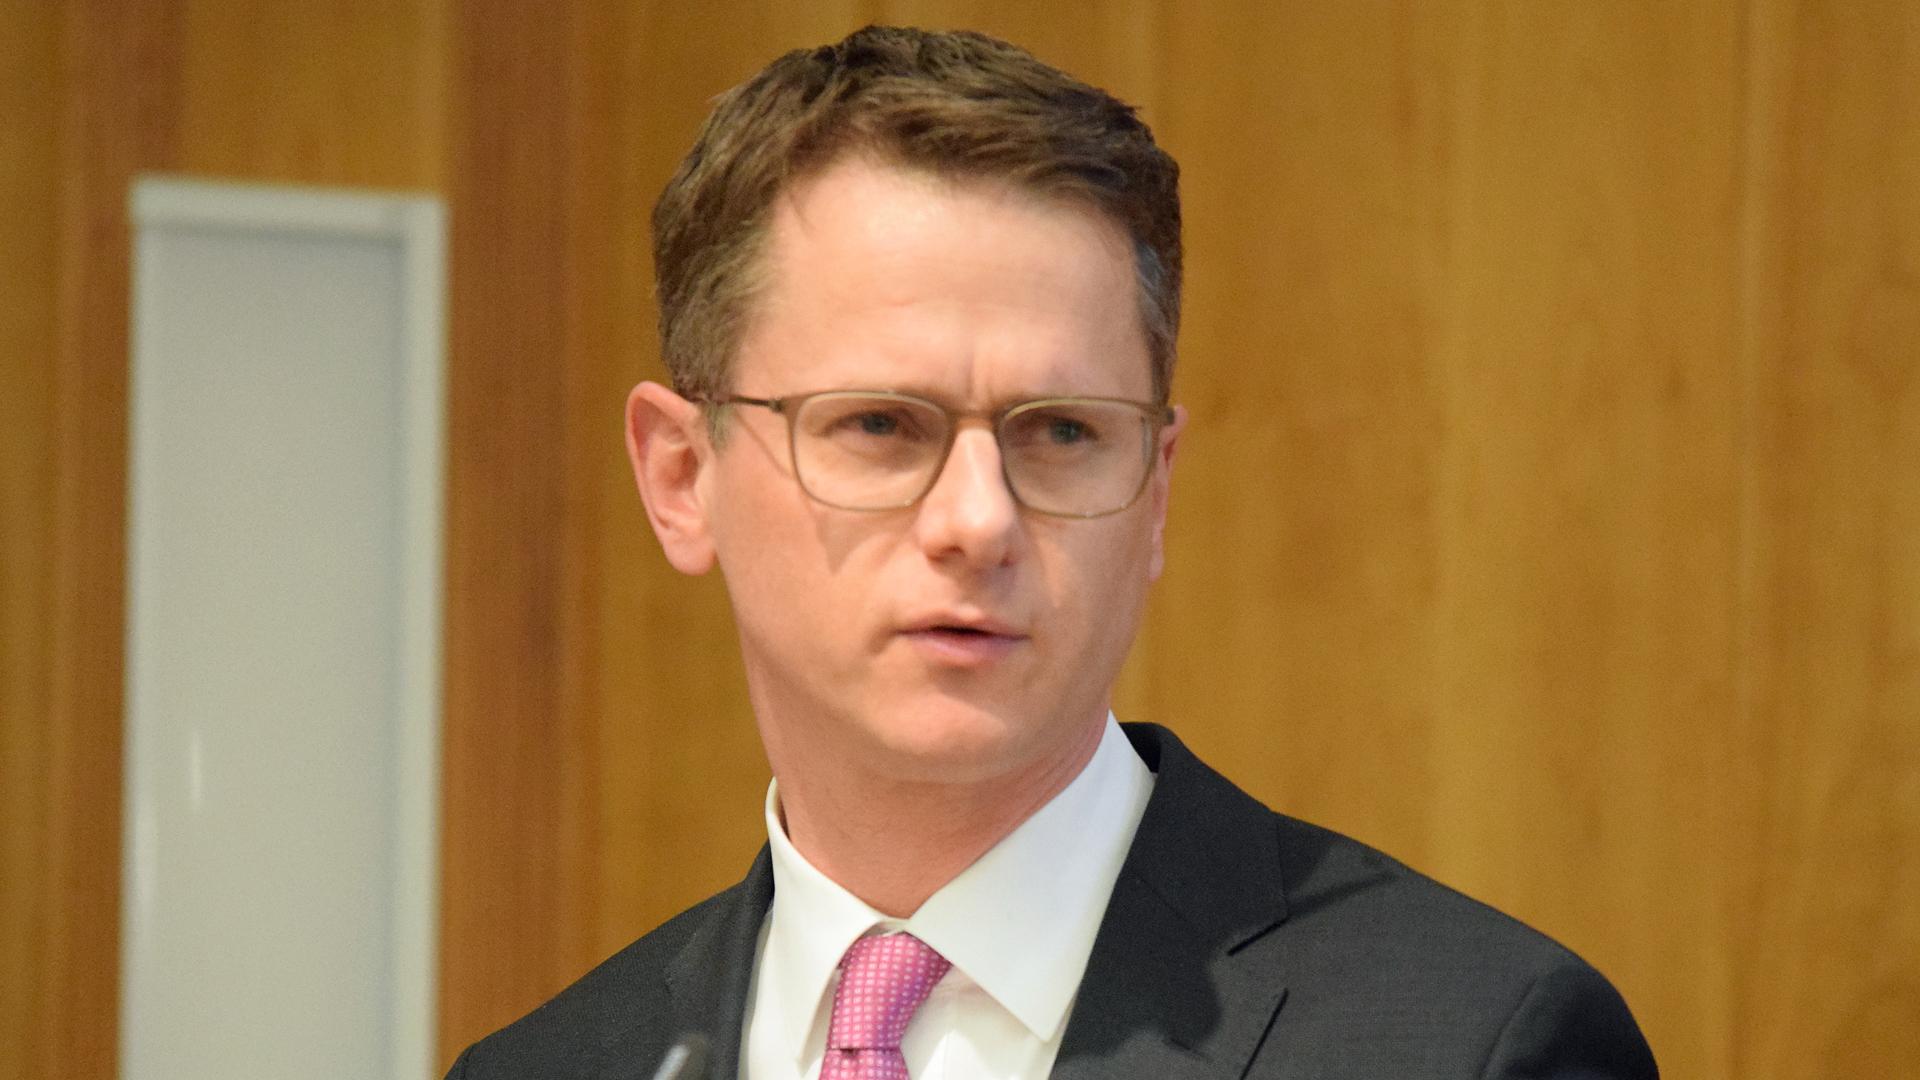 Carsten Linnemann fordert strengere Regeln für den Umgang mit islamischen Fundamentalisten in Deutschland